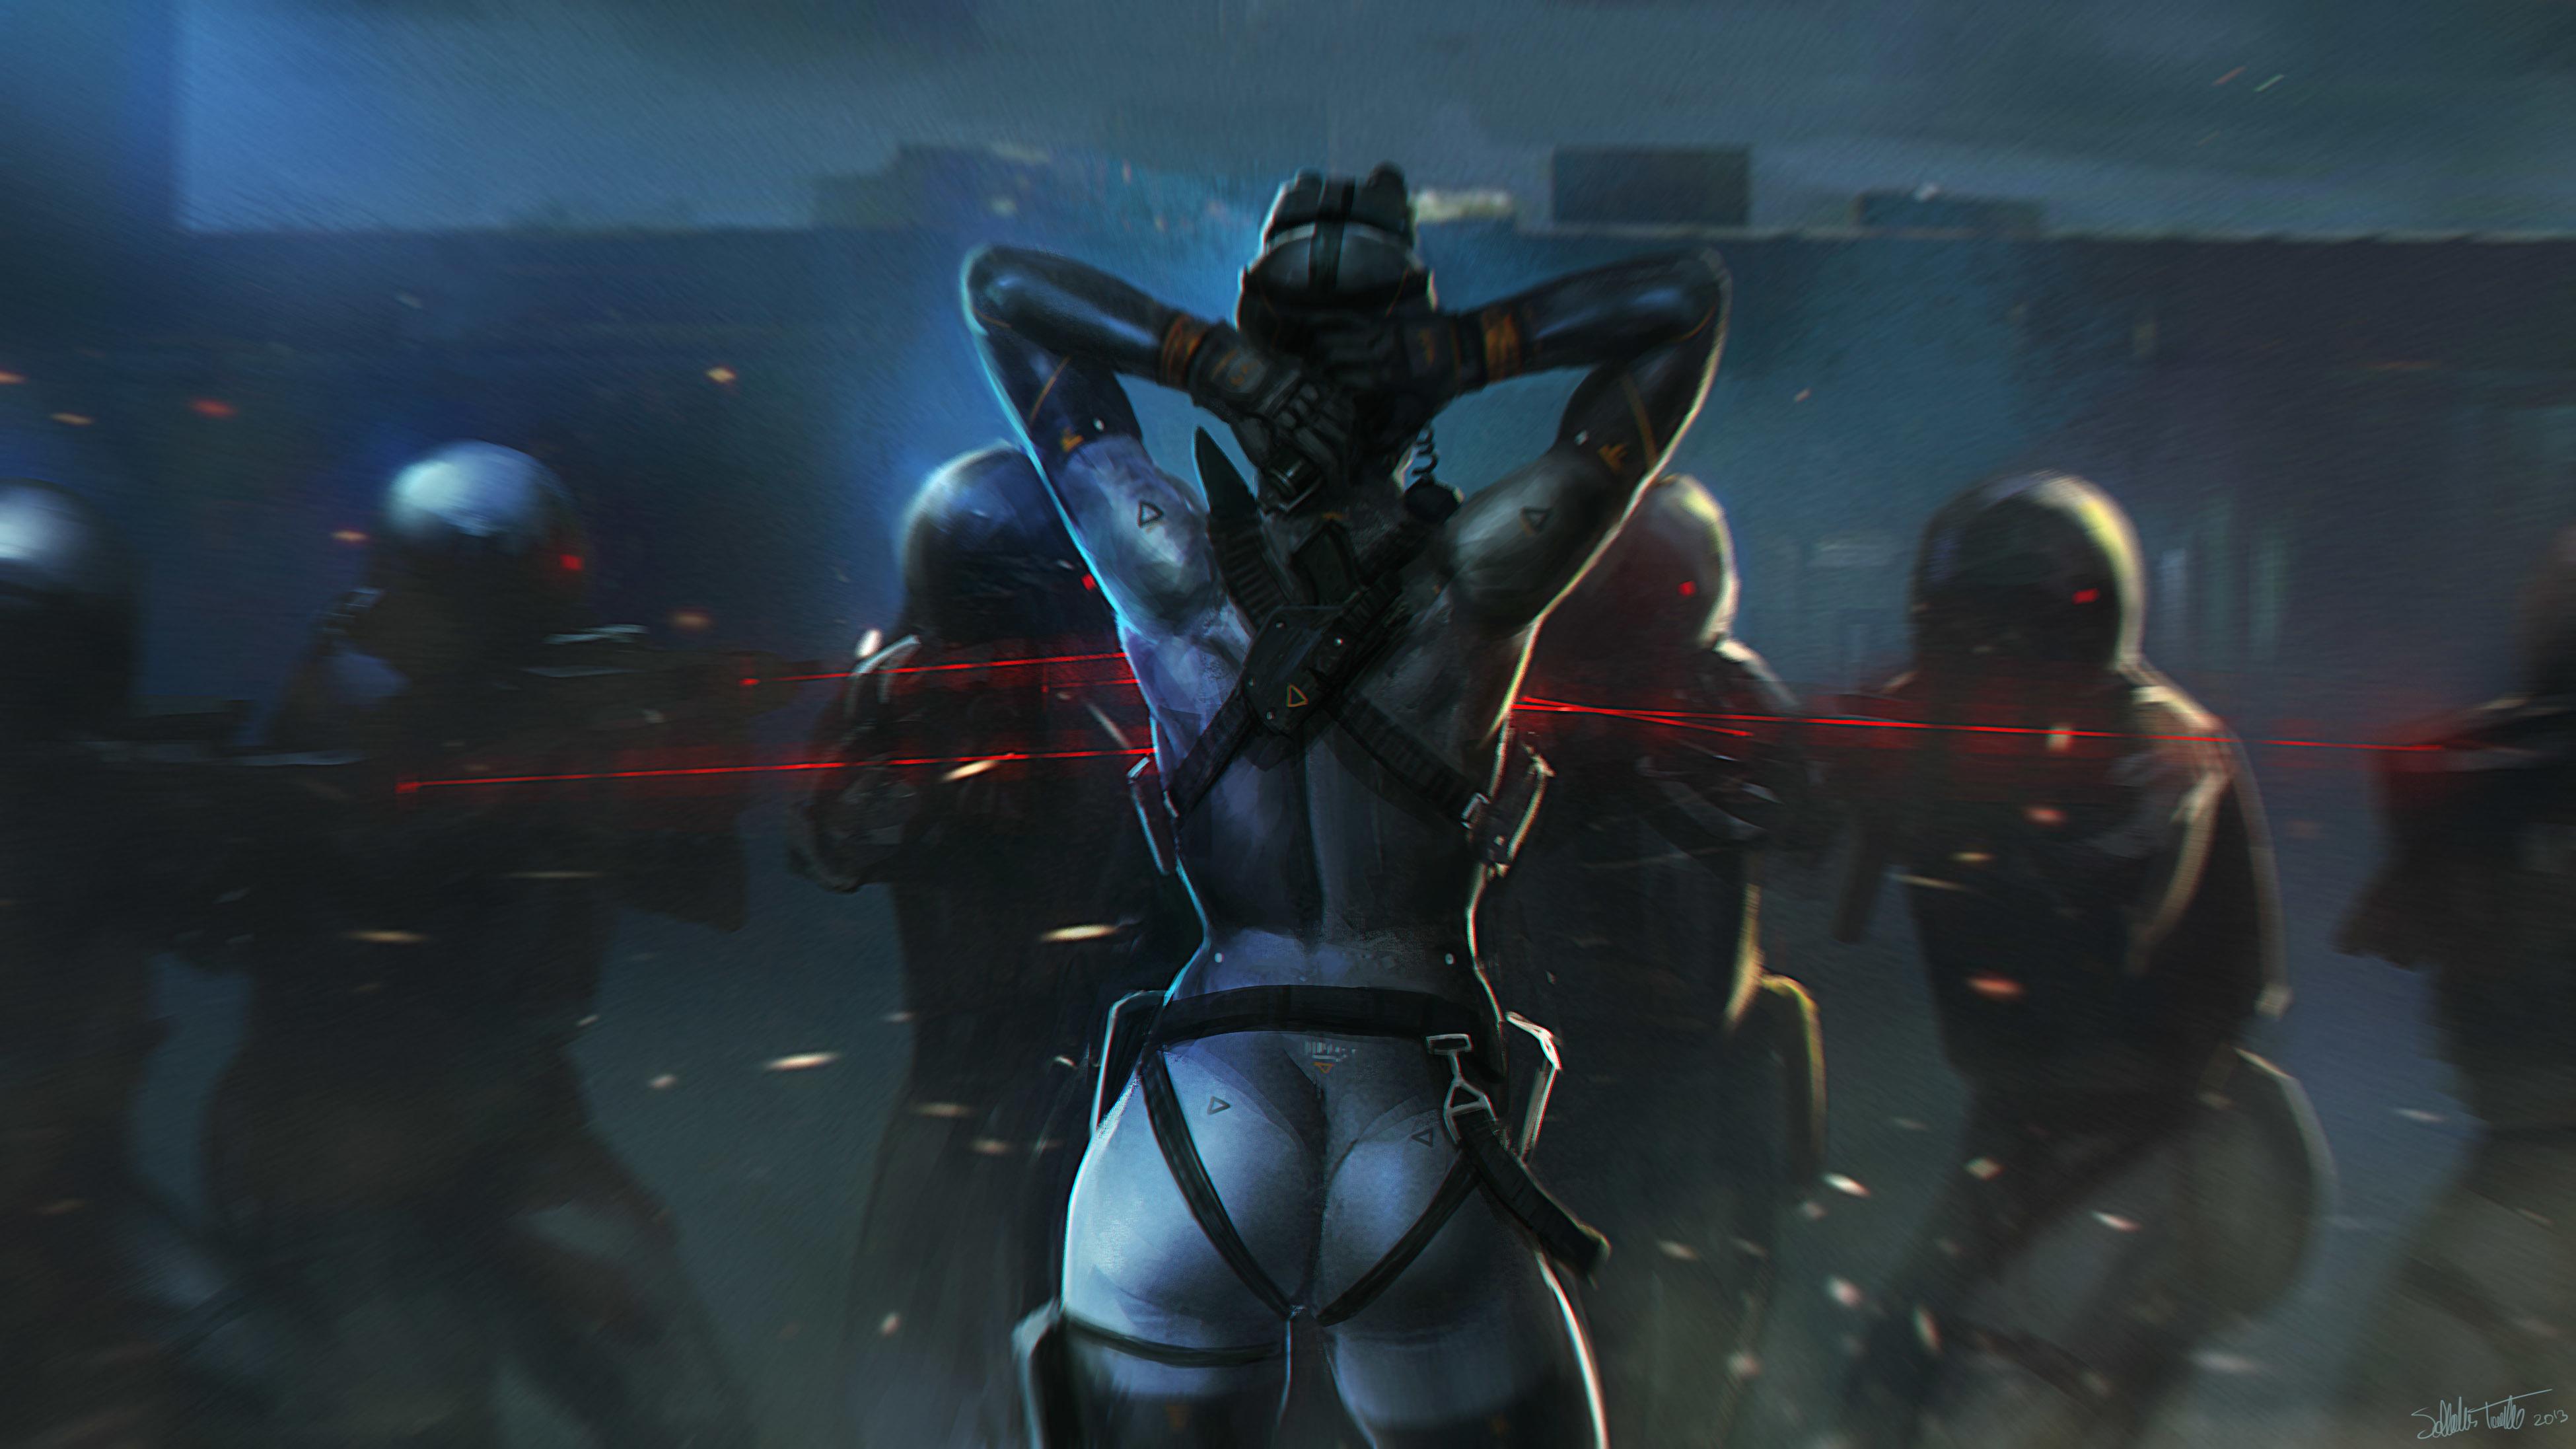 Картинка: Солдаты, прицел, девушка, лазер, спиной, руки за голову, граната, экипировка, Salvador Trakal, арт